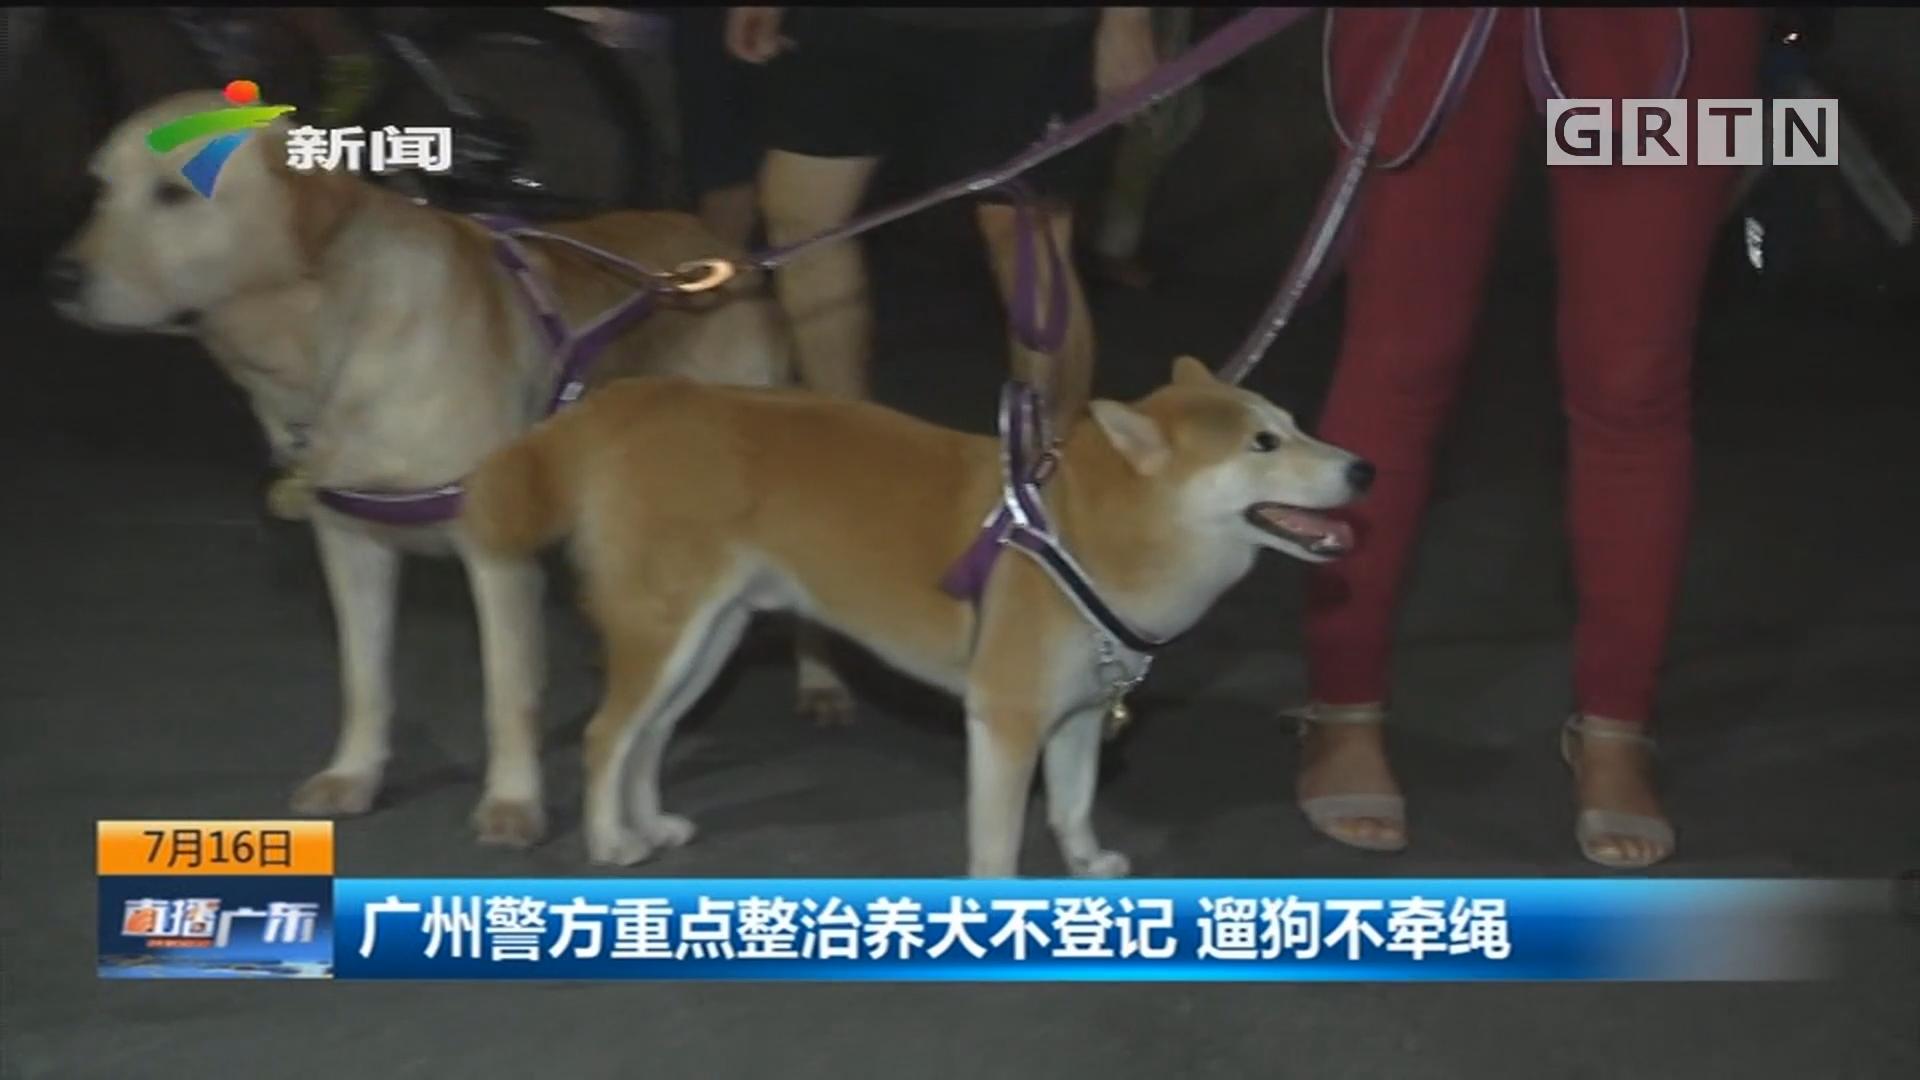 广州警方重点整治养犬不登记 遛狗不牵绳